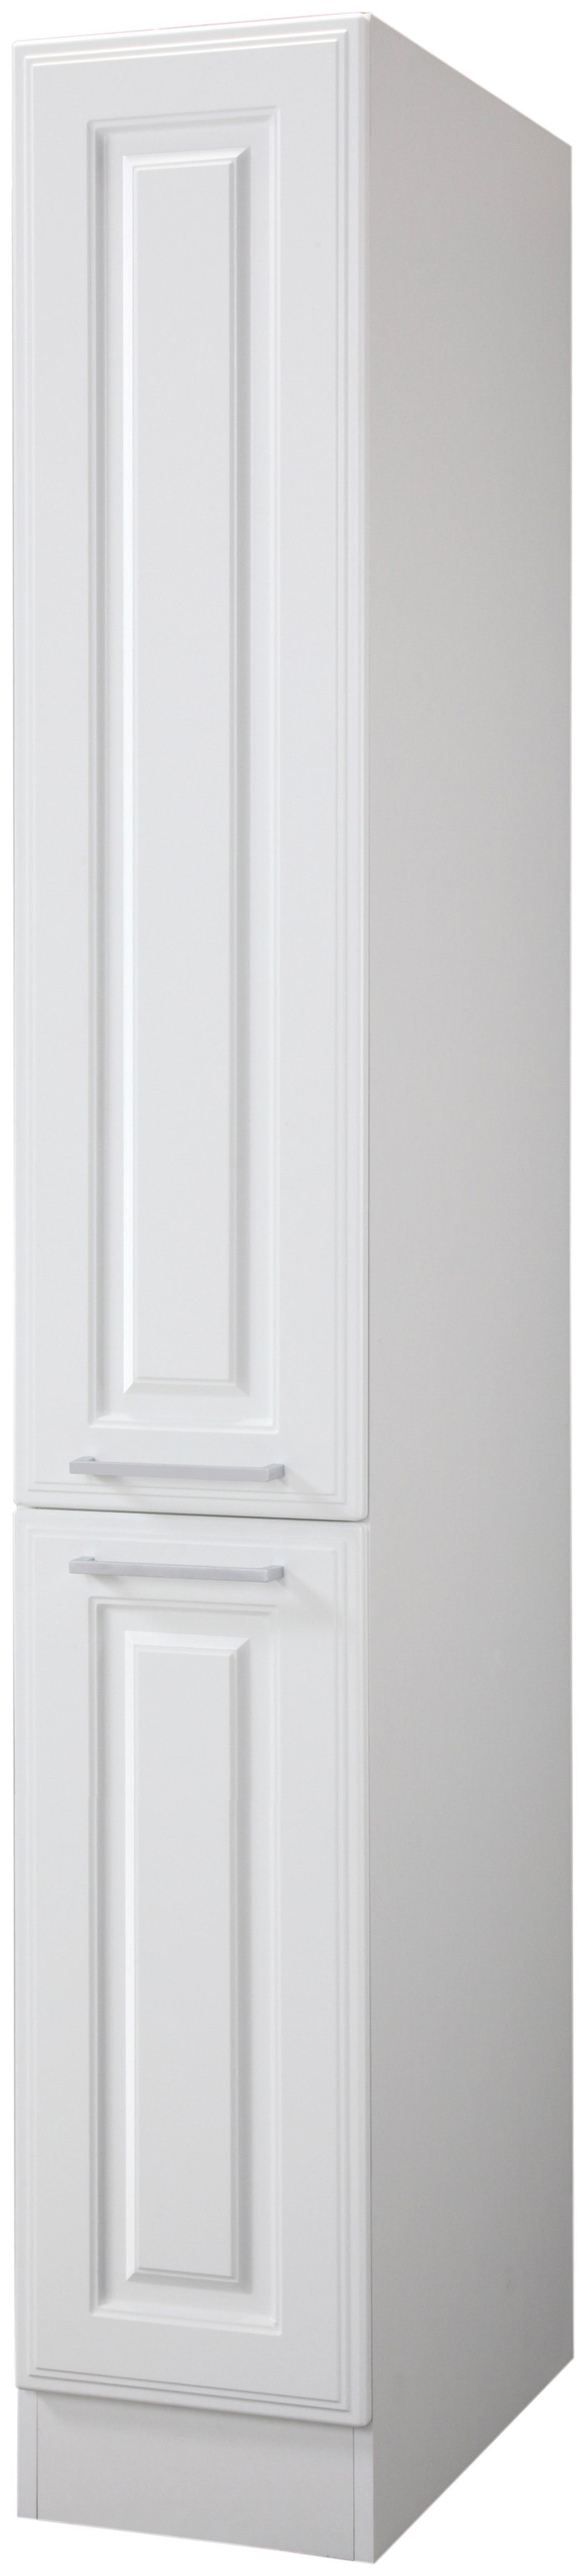 HELD MÖBEL Apothekerschrank »Stockholm, Breite 30 cm« | Küche und Esszimmer > Küchenschränke > Apothekerschränke | Holzwerkstoff | HELD MÖBEL